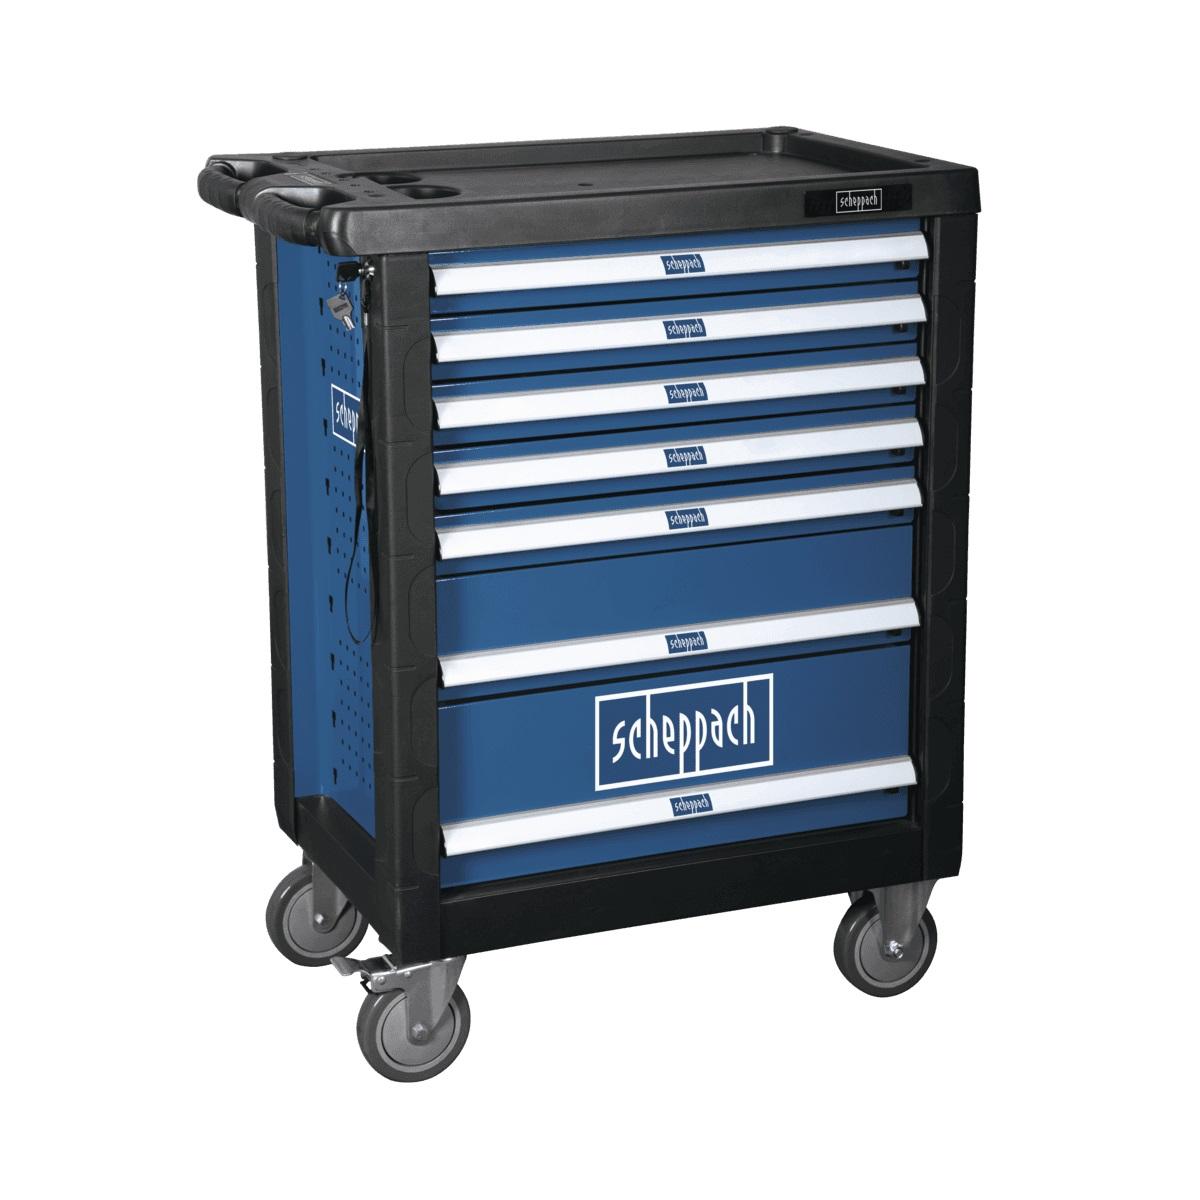 Scheppach TW 1000 dílenský vozík s nářadím, 7 zásuvek, 263 dílů